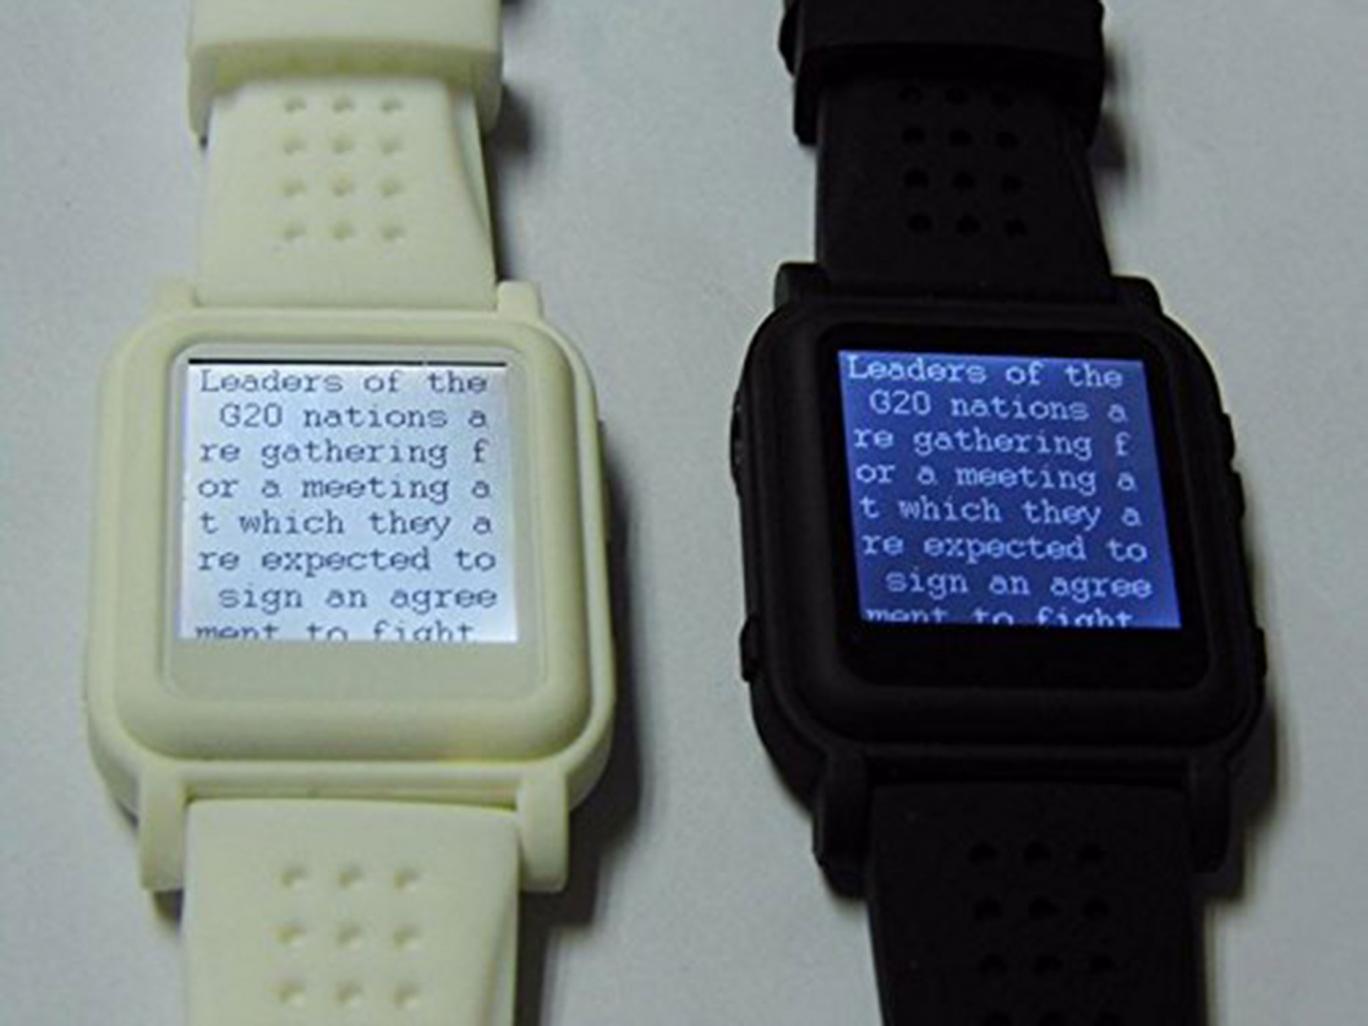 Đồng hồ quay cóp ngang nhiên bày bán công khai trên Amazon - Ảnh 1.